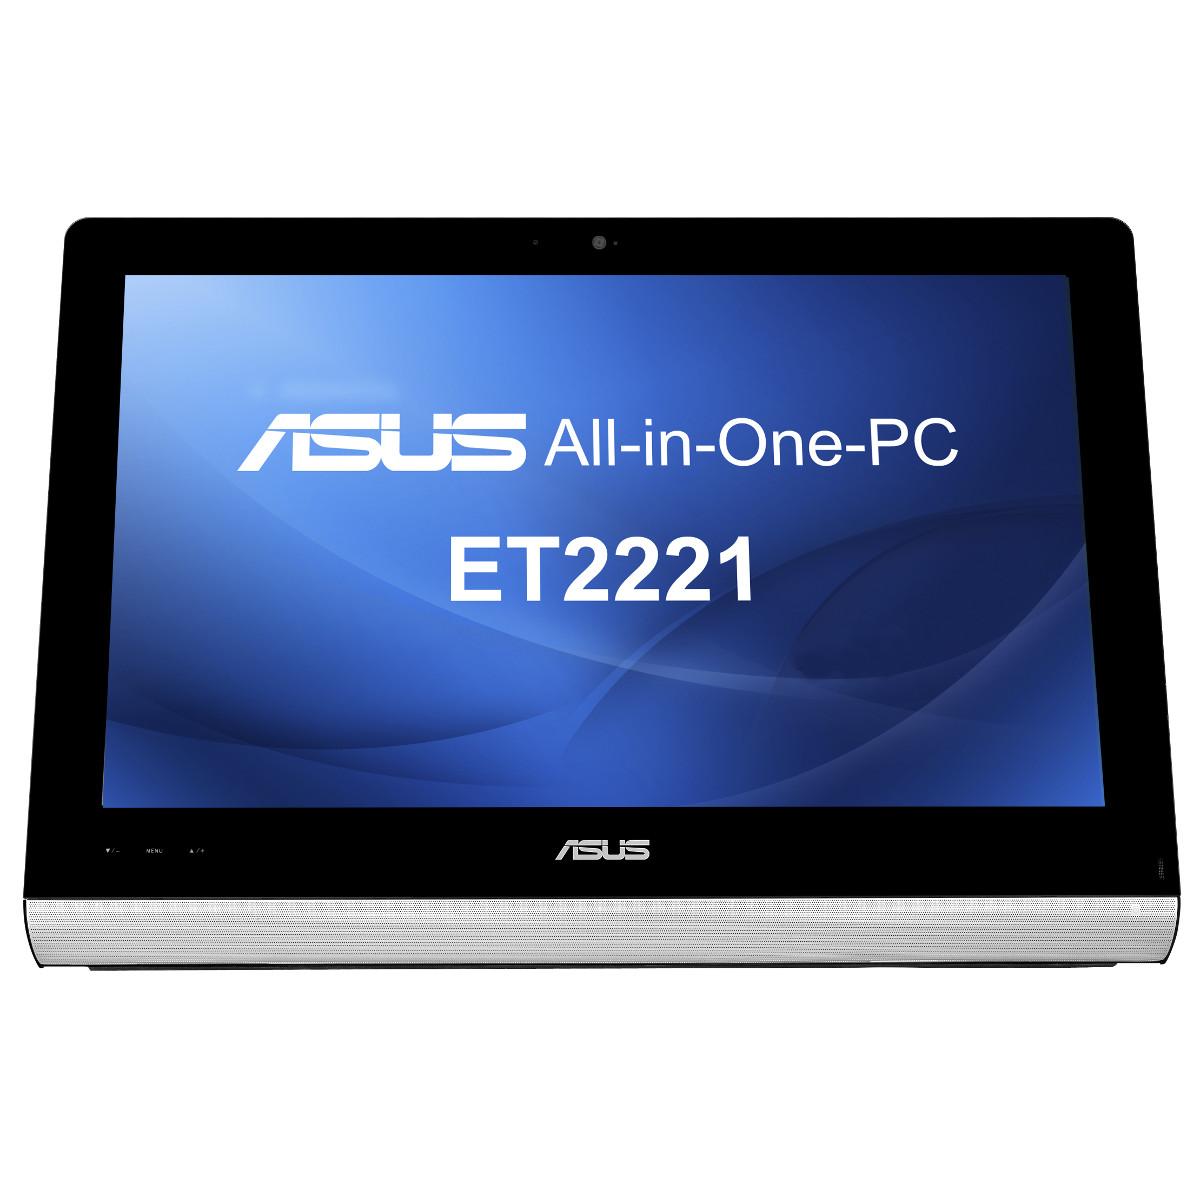 """PC de bureau ASUS All-in-One PC ET2221IUTH-B007L Intel Core i3-4130T 4 Go 1 To LED 21.5"""" Tactile Graveur DVD Wi-Fi N Webcam Windows 8 Pro 64 bits"""